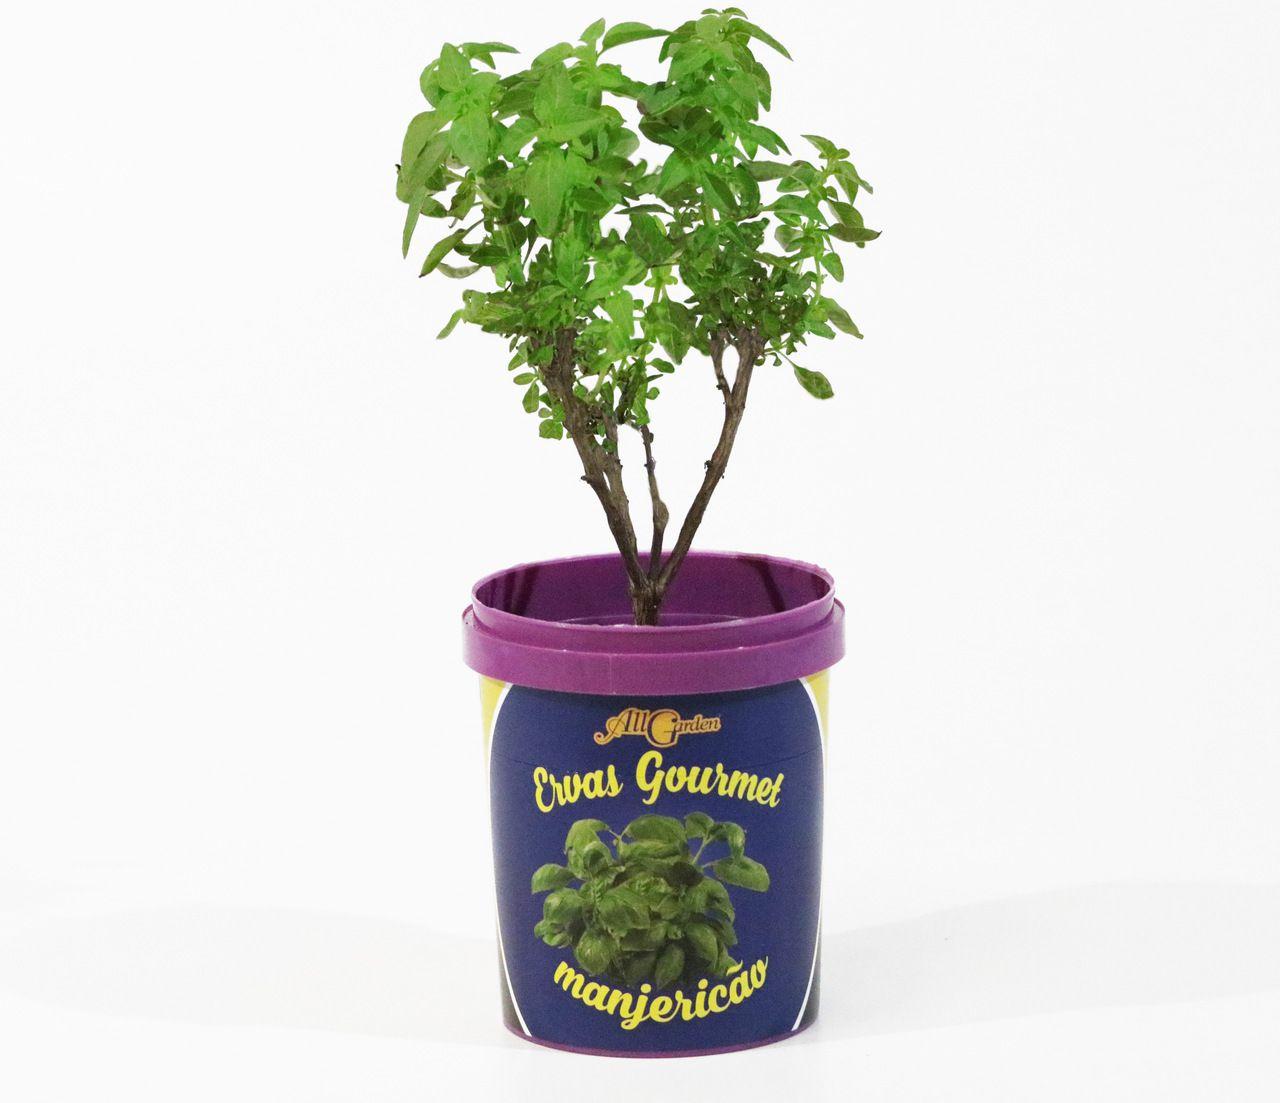 Erva Gourmet: Manjericão All Garden